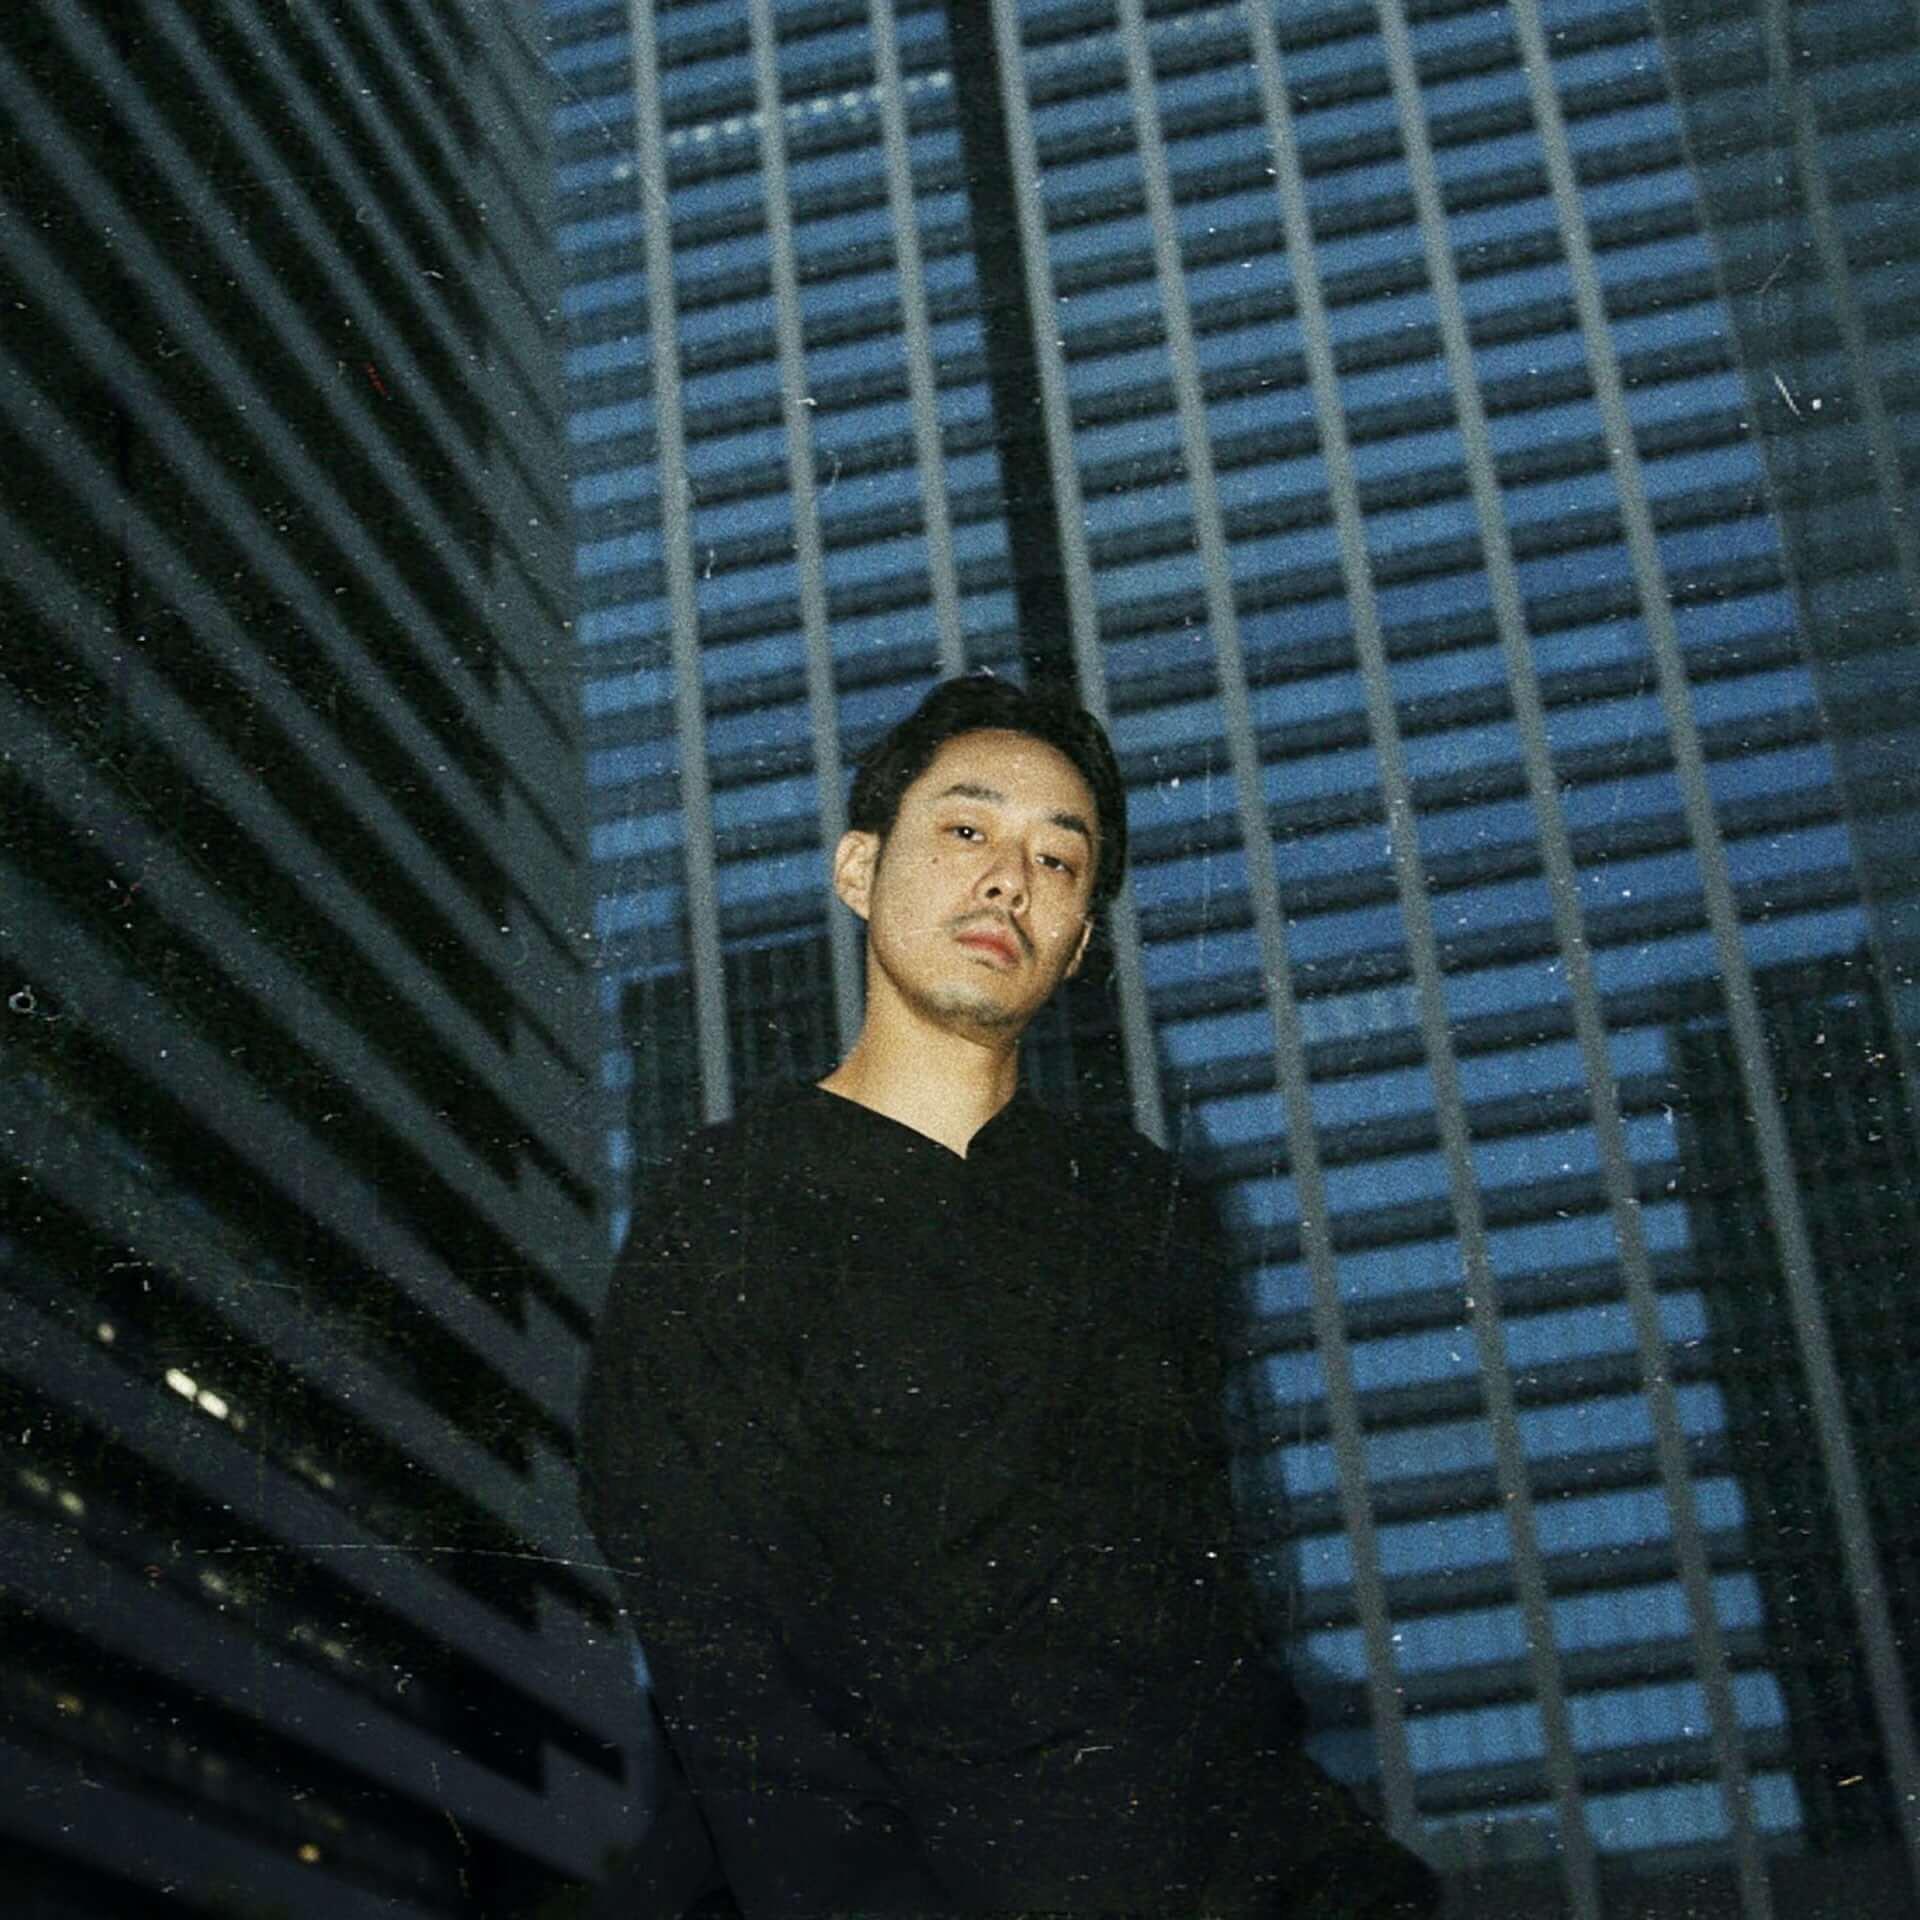 Seiho、yahyel、環ROYによるスリーマンライブがクリエイティブセンター大阪にて開催決定!枚数限定チケットは現在先行受付中 music201021_circus1115_2-1920x1920